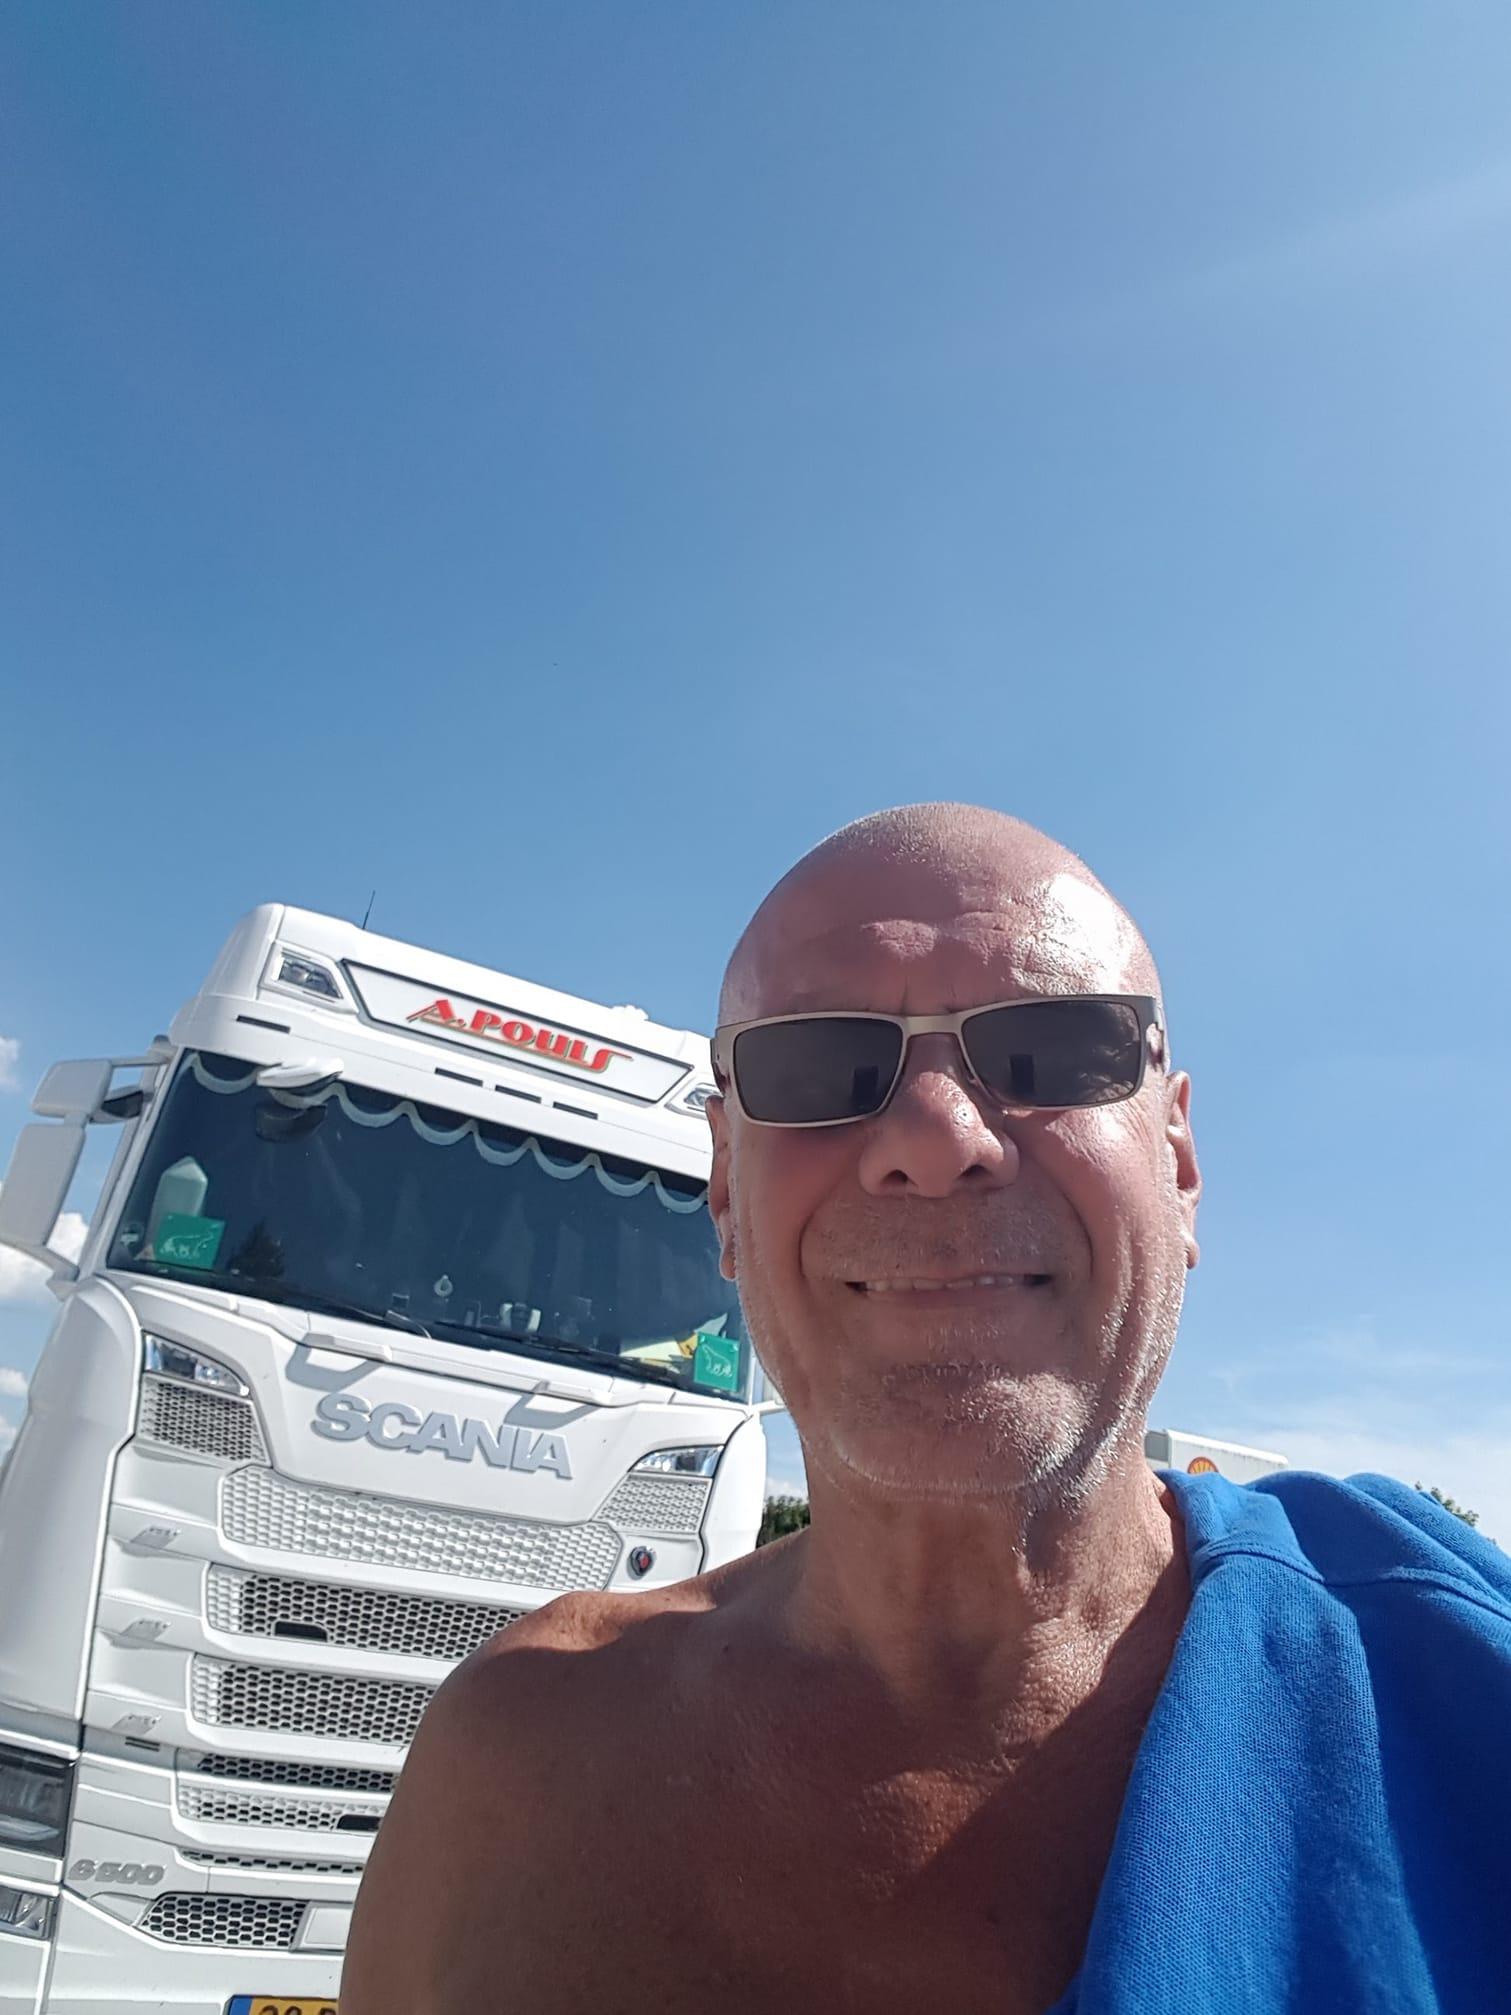 Harald-Van-Loon-Mooie-tijden--10-7-2021